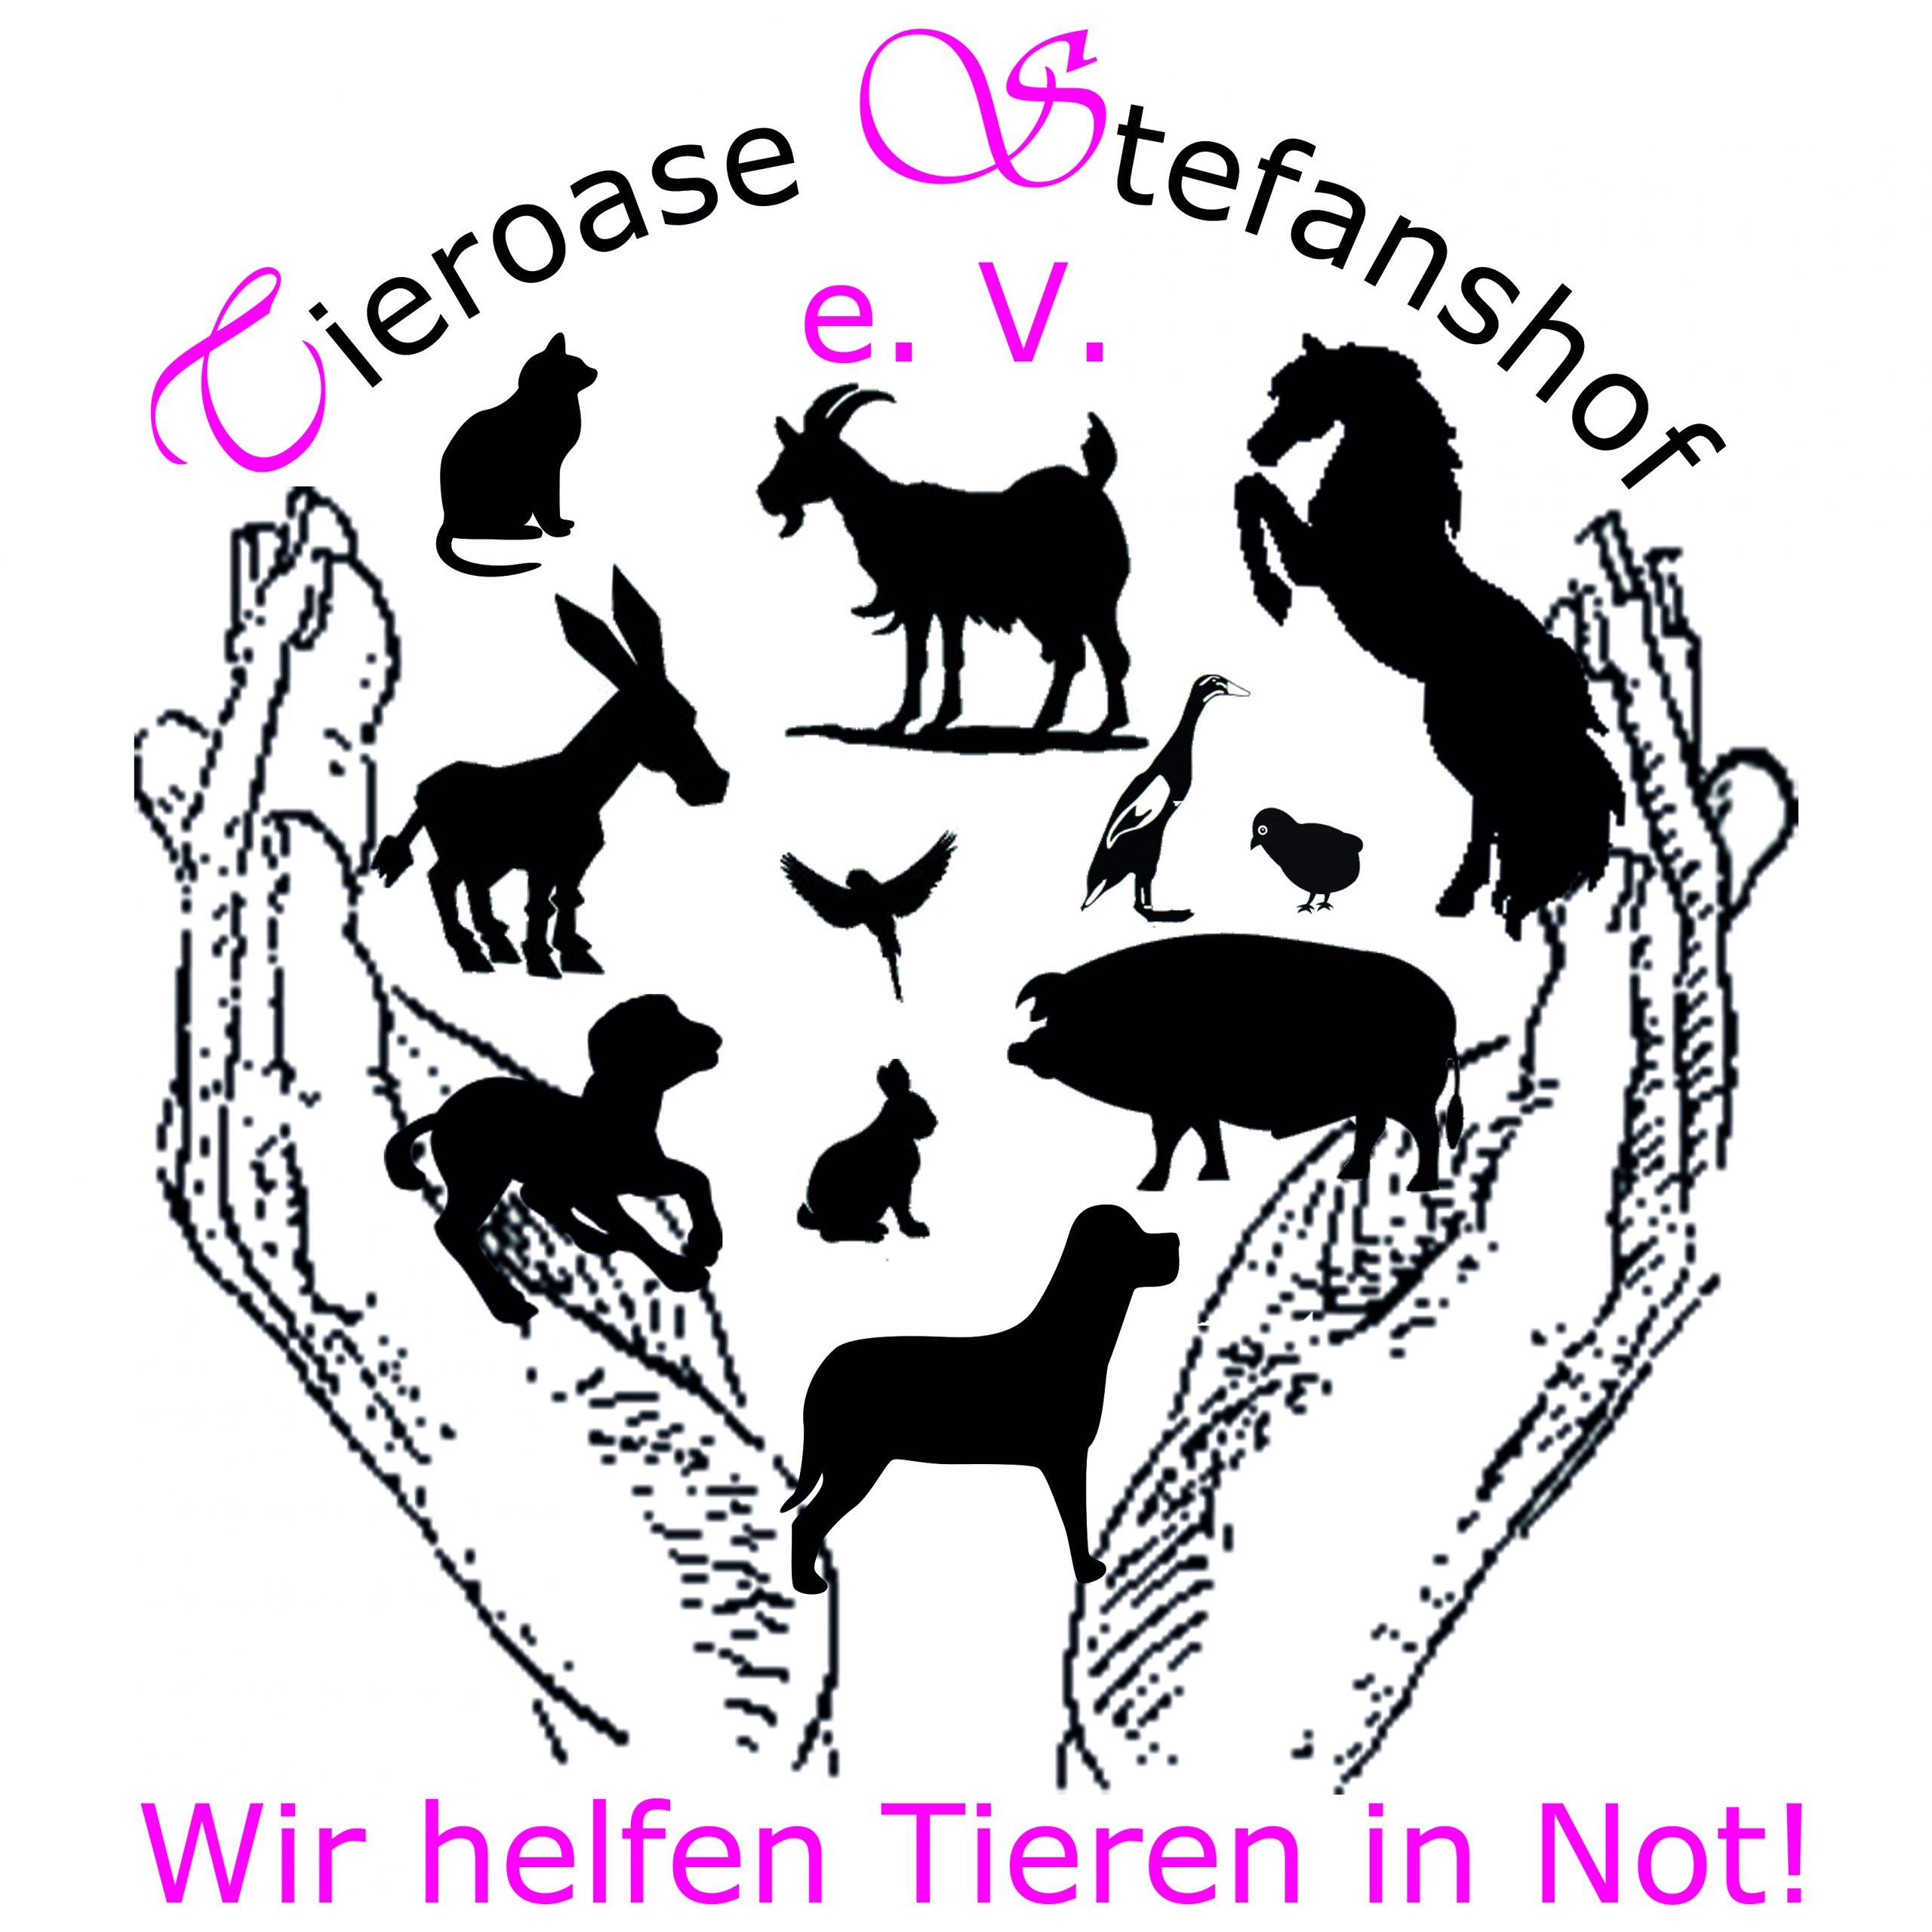 Tieroase Stefanshof e.V.